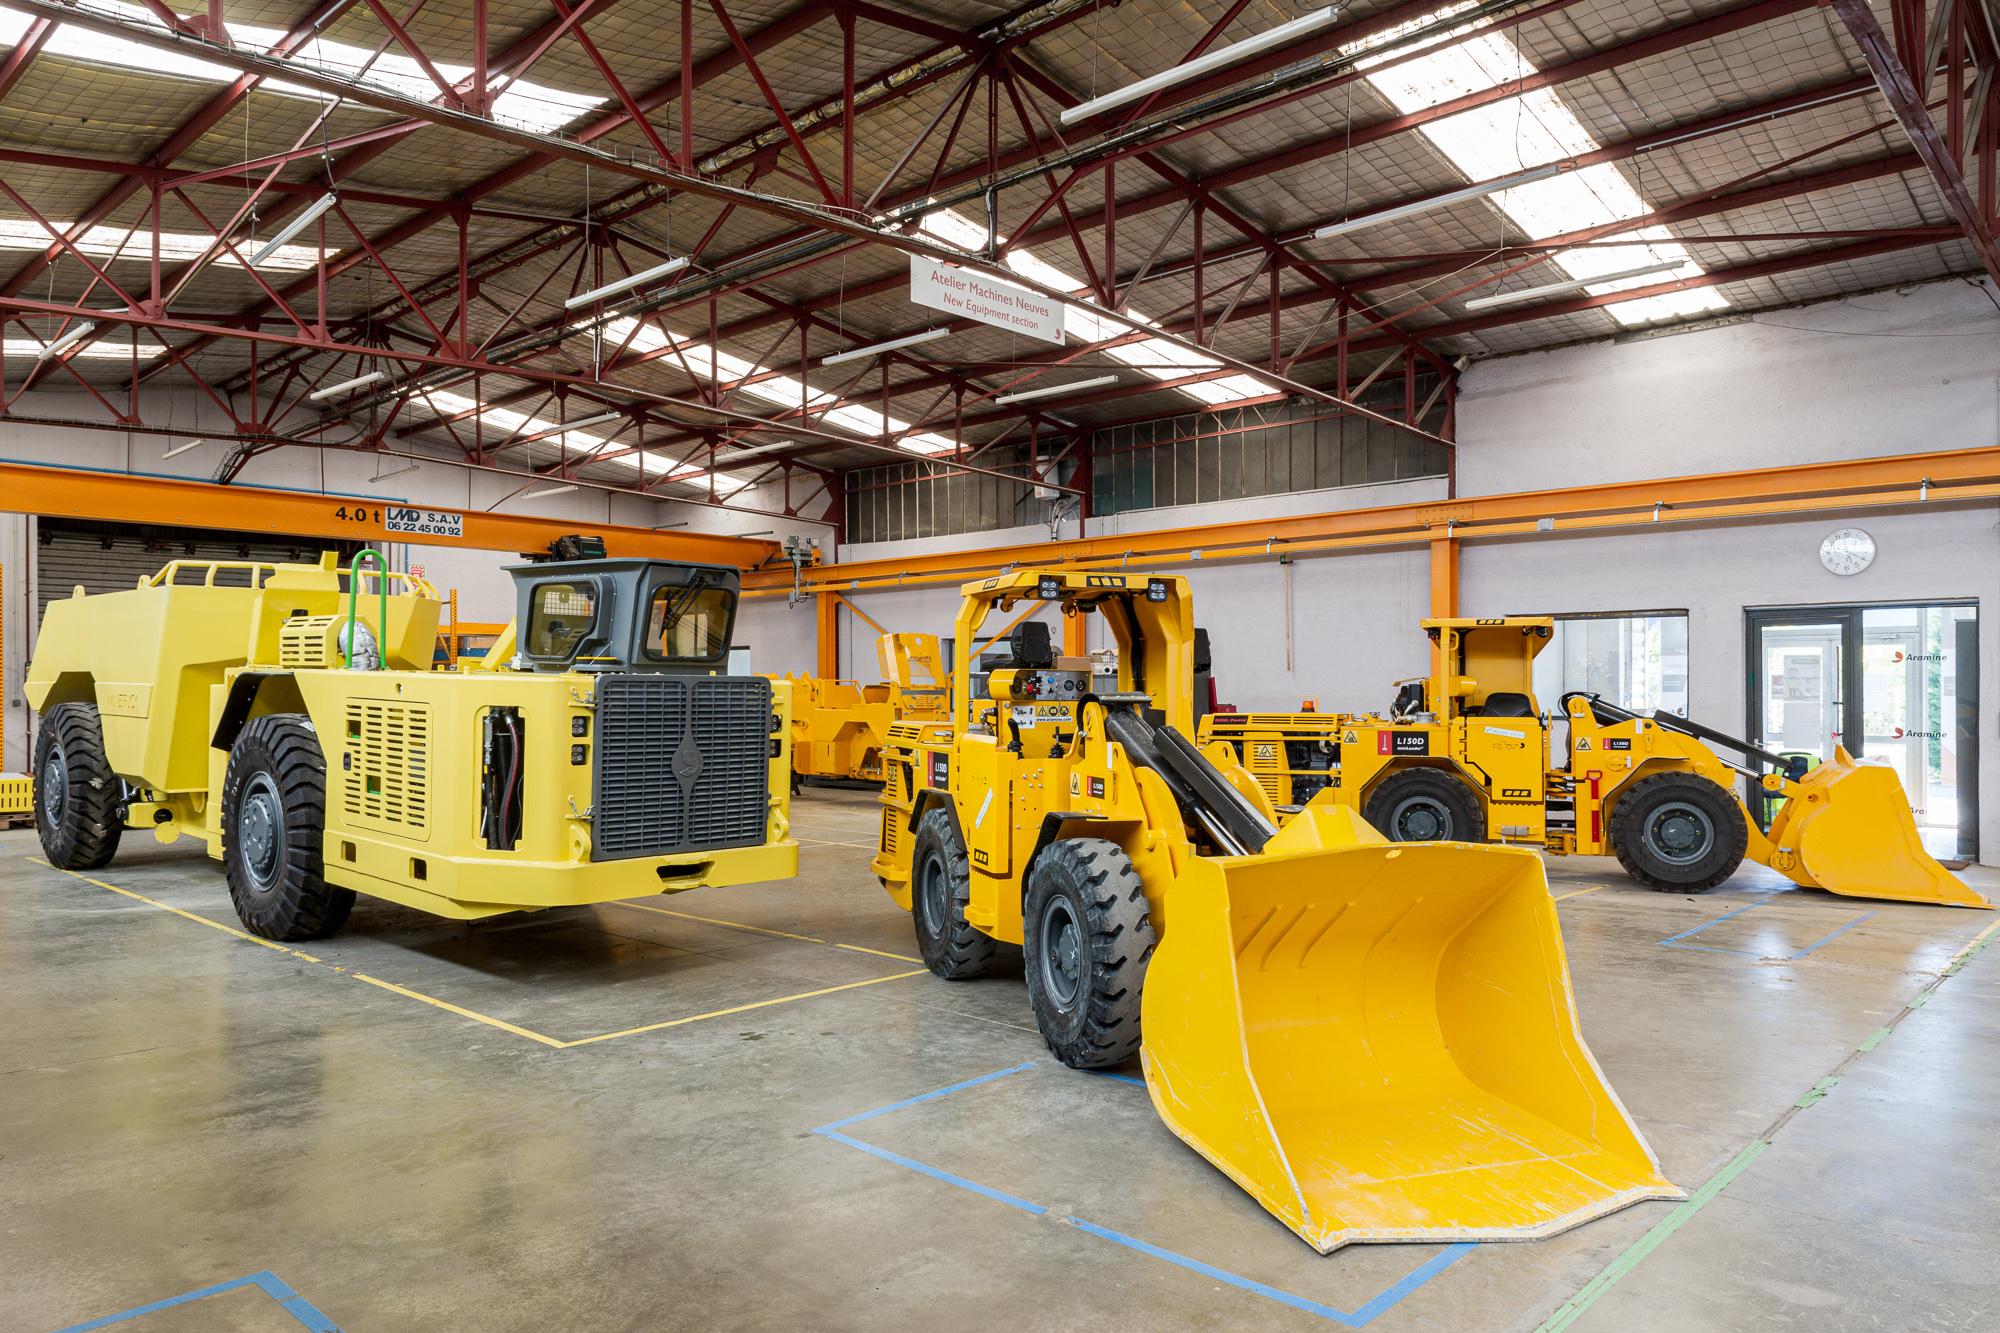 Photographie de plusieurs véhicules pour la communication d'entreprise d'Aramine